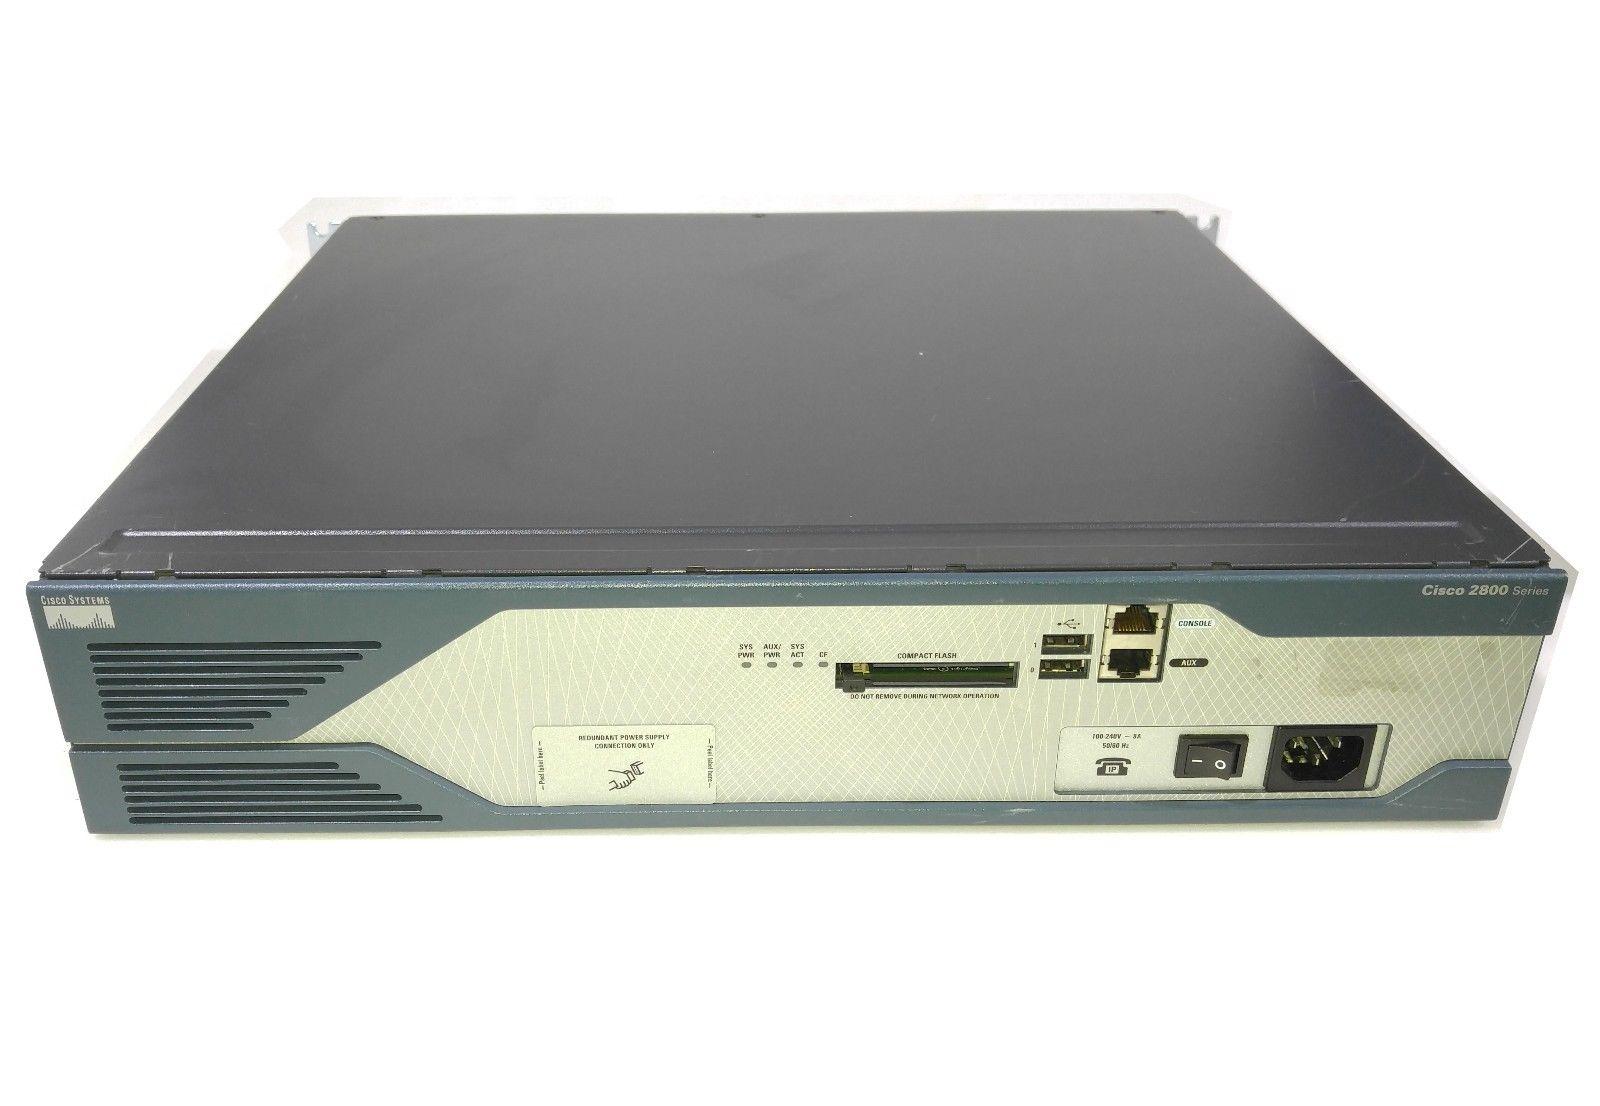 Gigabit Wired Router | Cisco 2800 2821 2 Port Gigabit Wired Router Cisco2821 Ac Ip